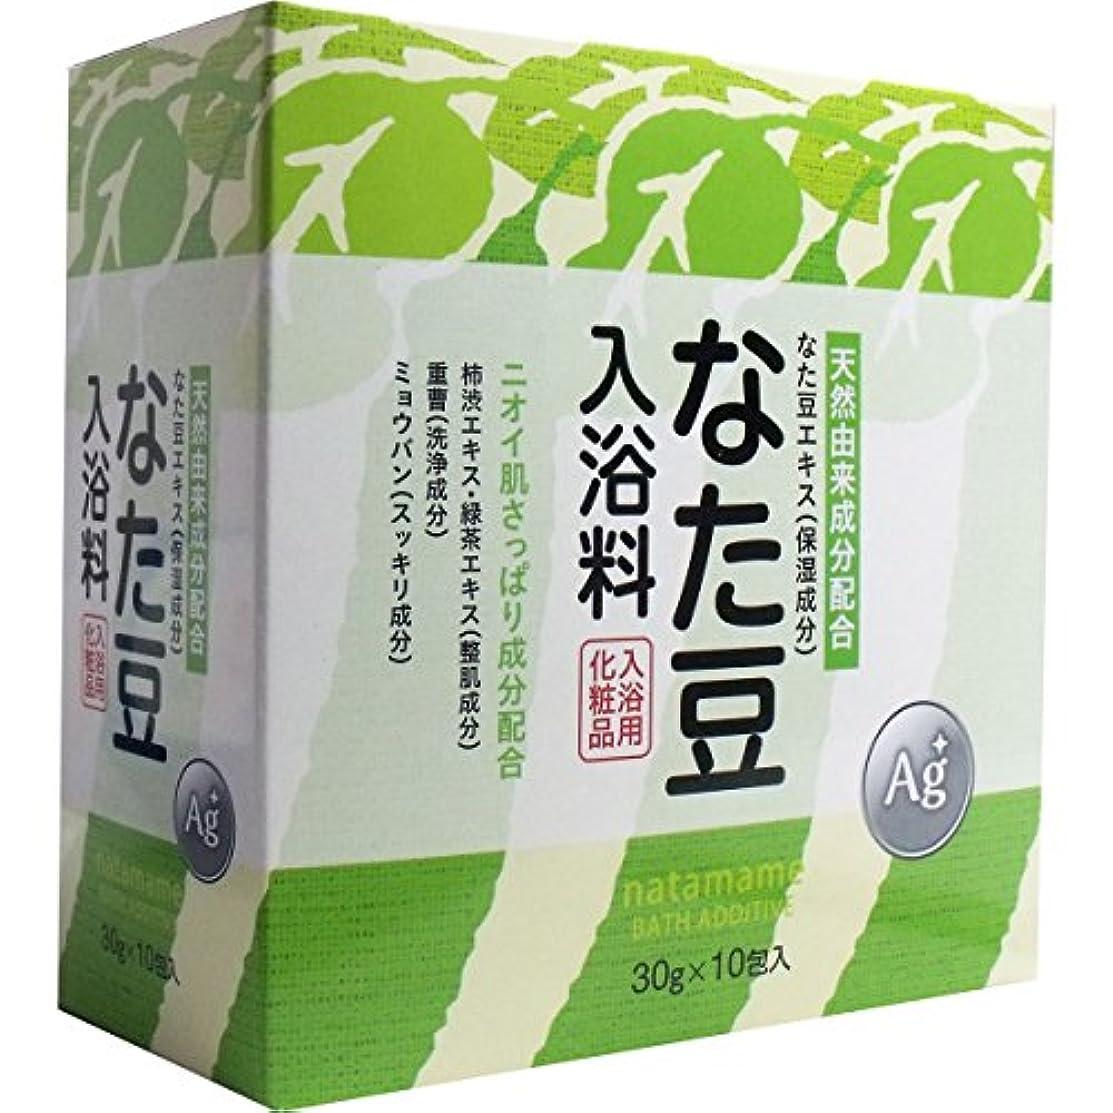 定刻どうやらグリーンバックなた豆入浴料 入浴用化粧品 30g×10包入×8